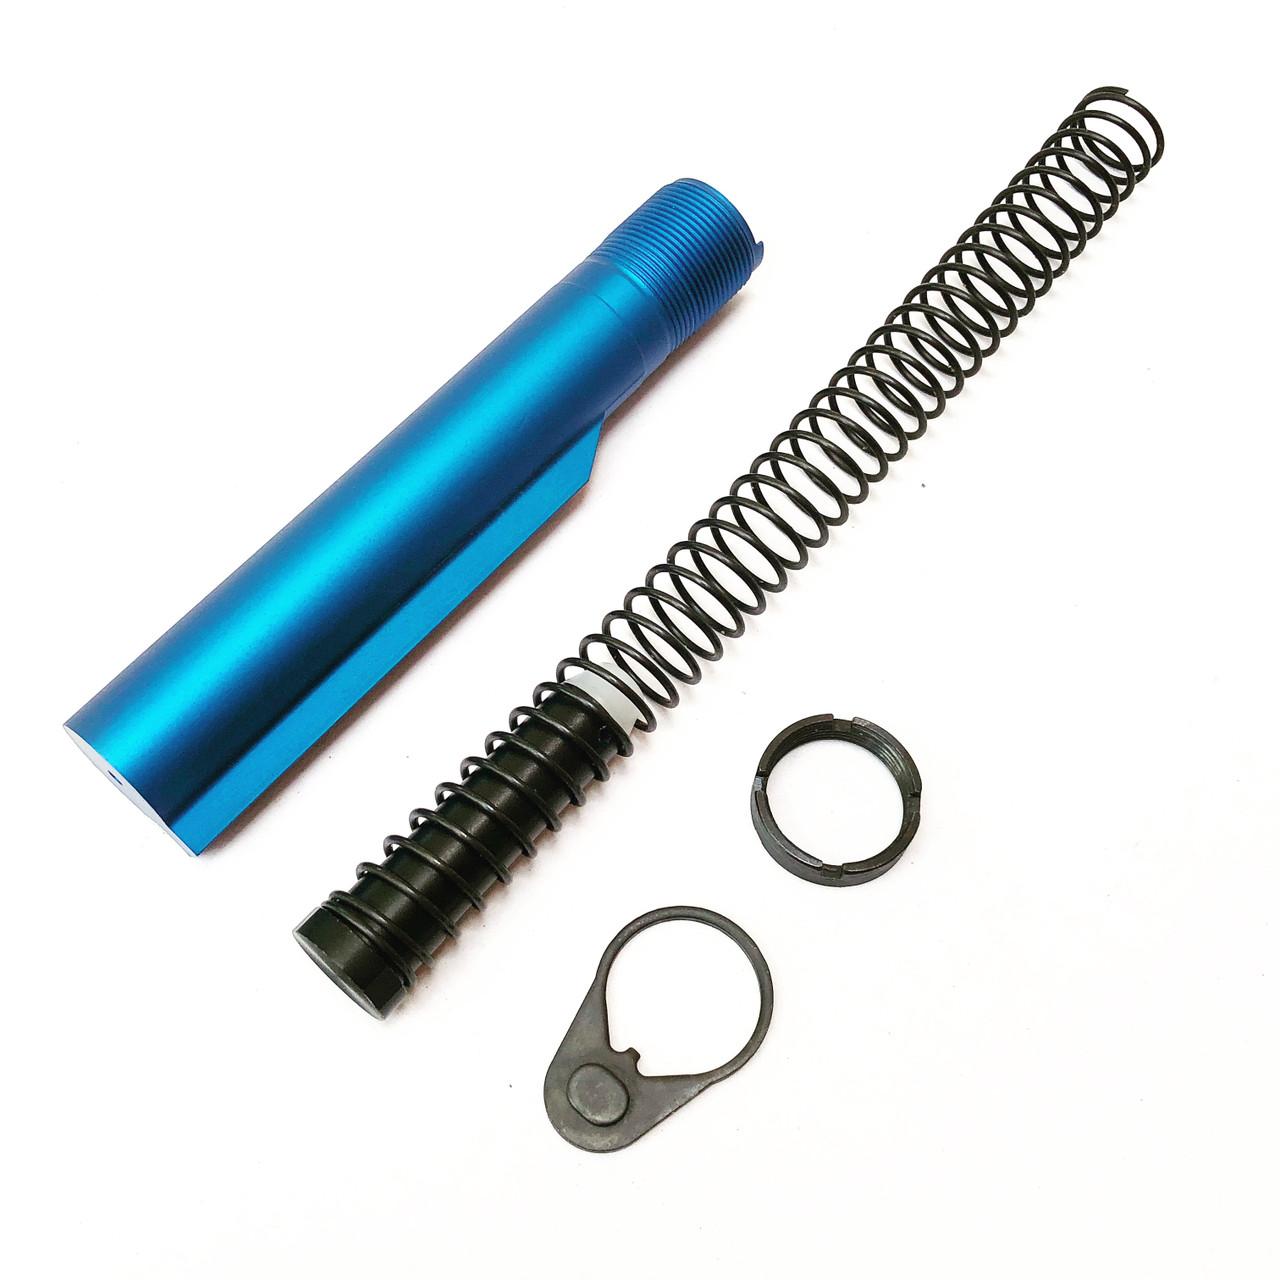 MCS Mil-Spec 6-Position Buffer Tube Kit in Blue.